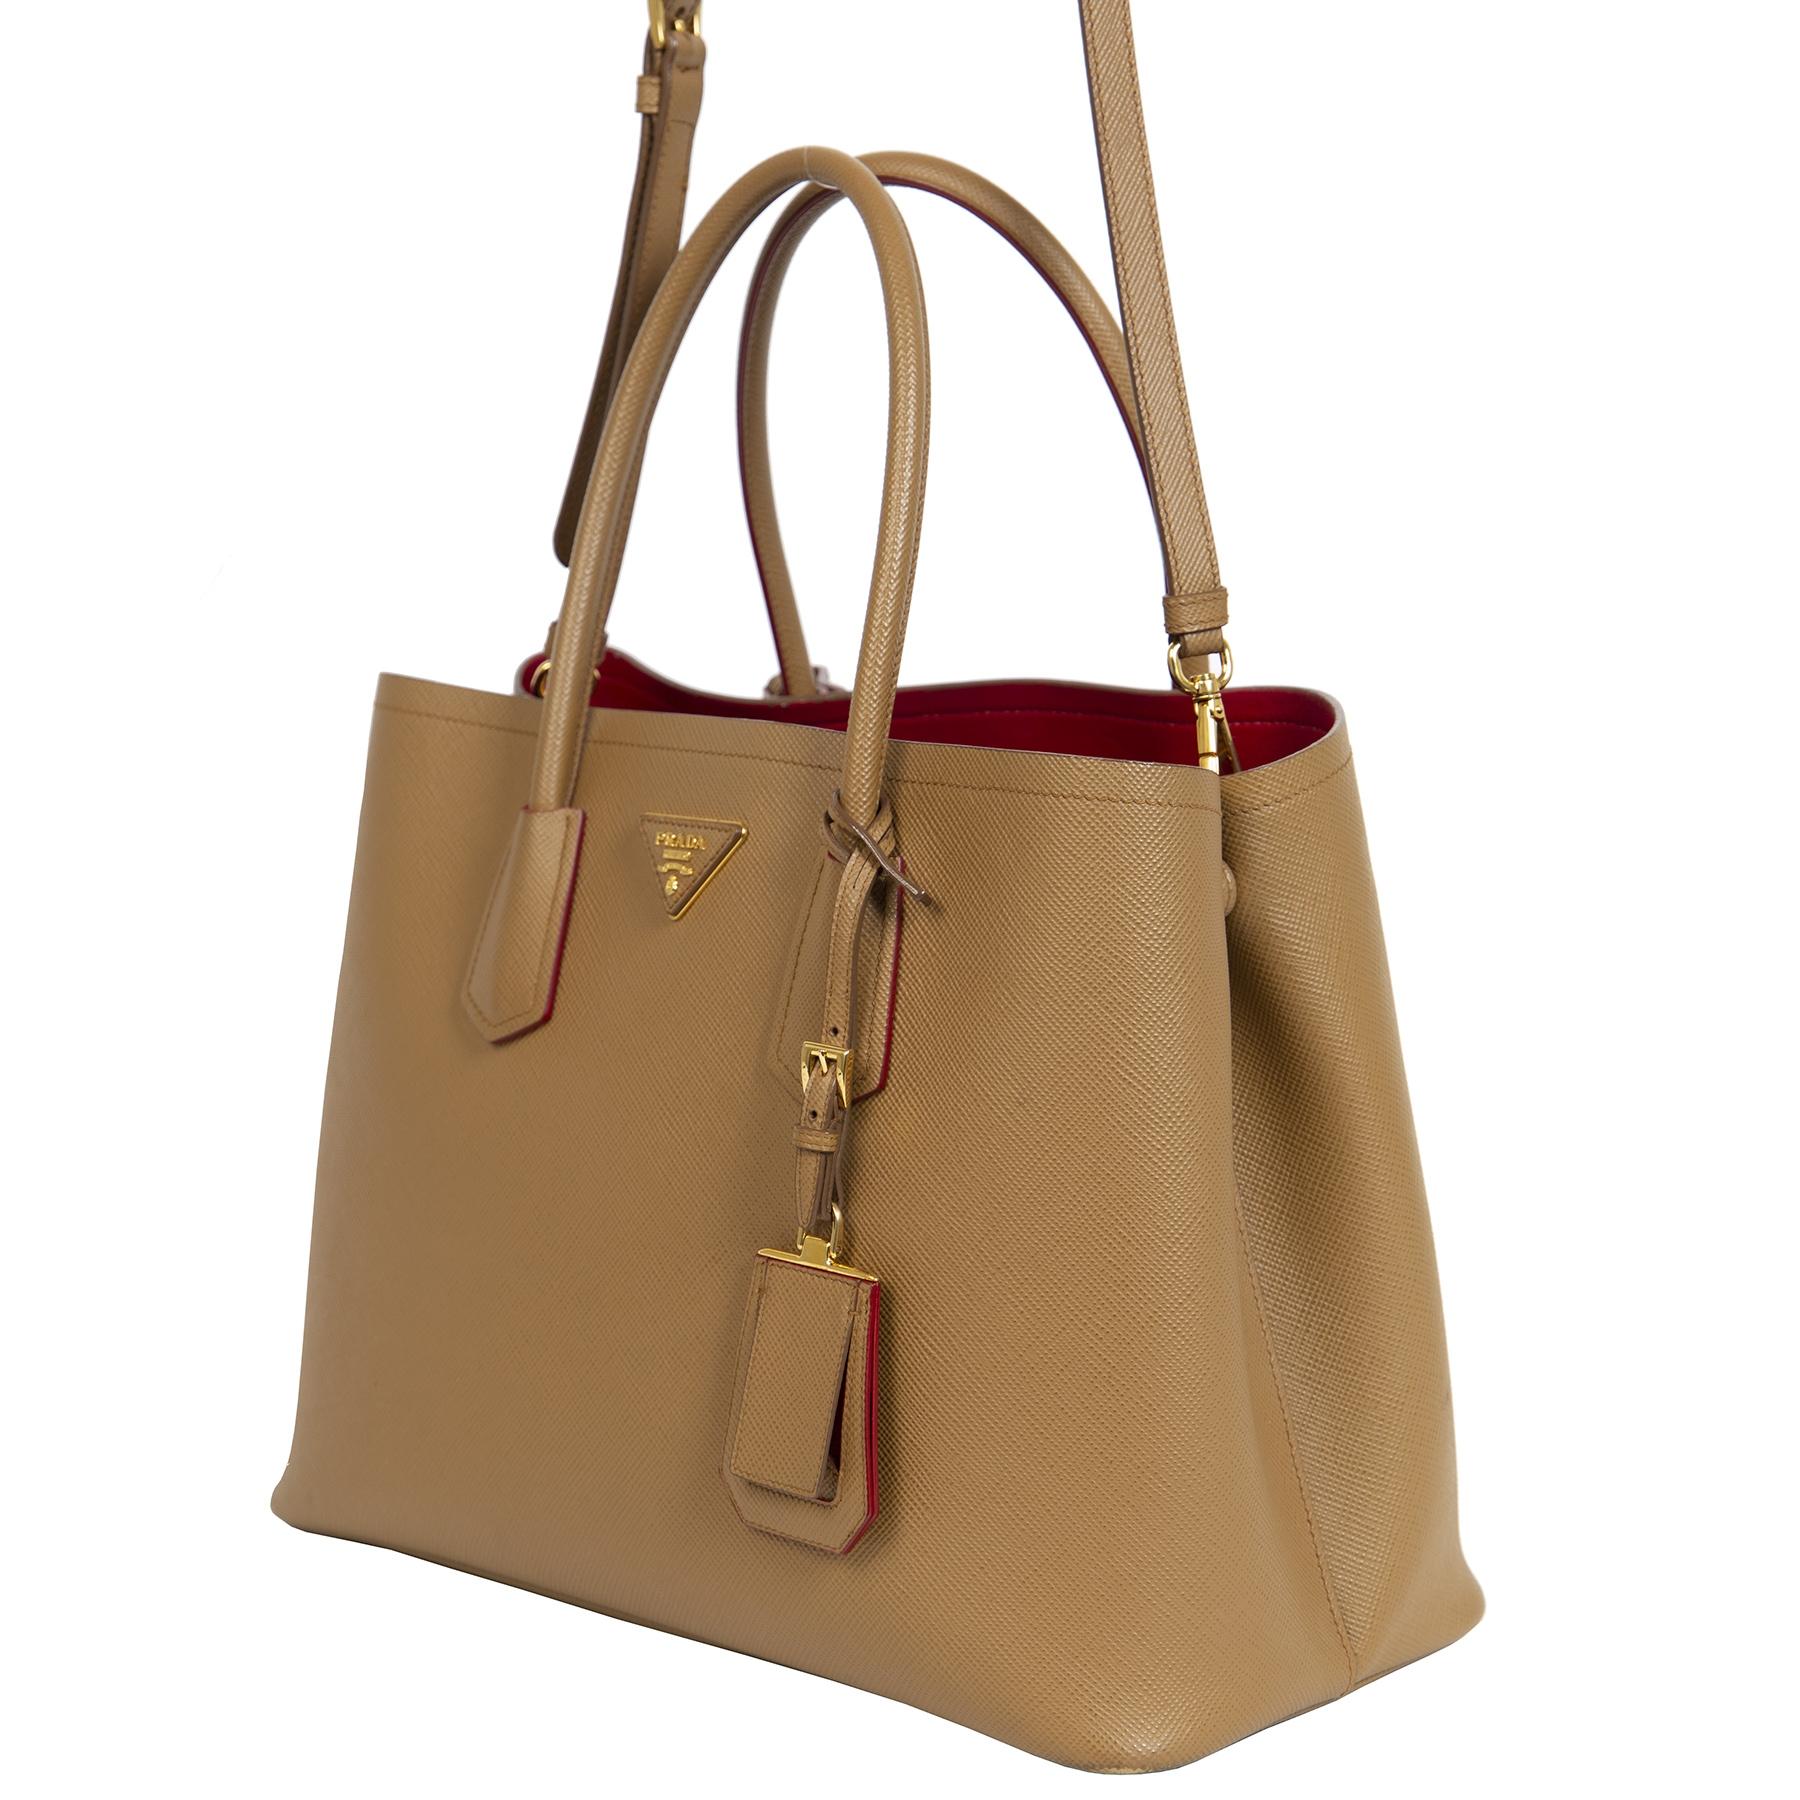 Authentieke Tweedehands Prada Saffiano Leather Double Medium Tote Bag juiste prijs veilig online shoppen luxe merken webshop winkelen Antwerpen België mode fashion